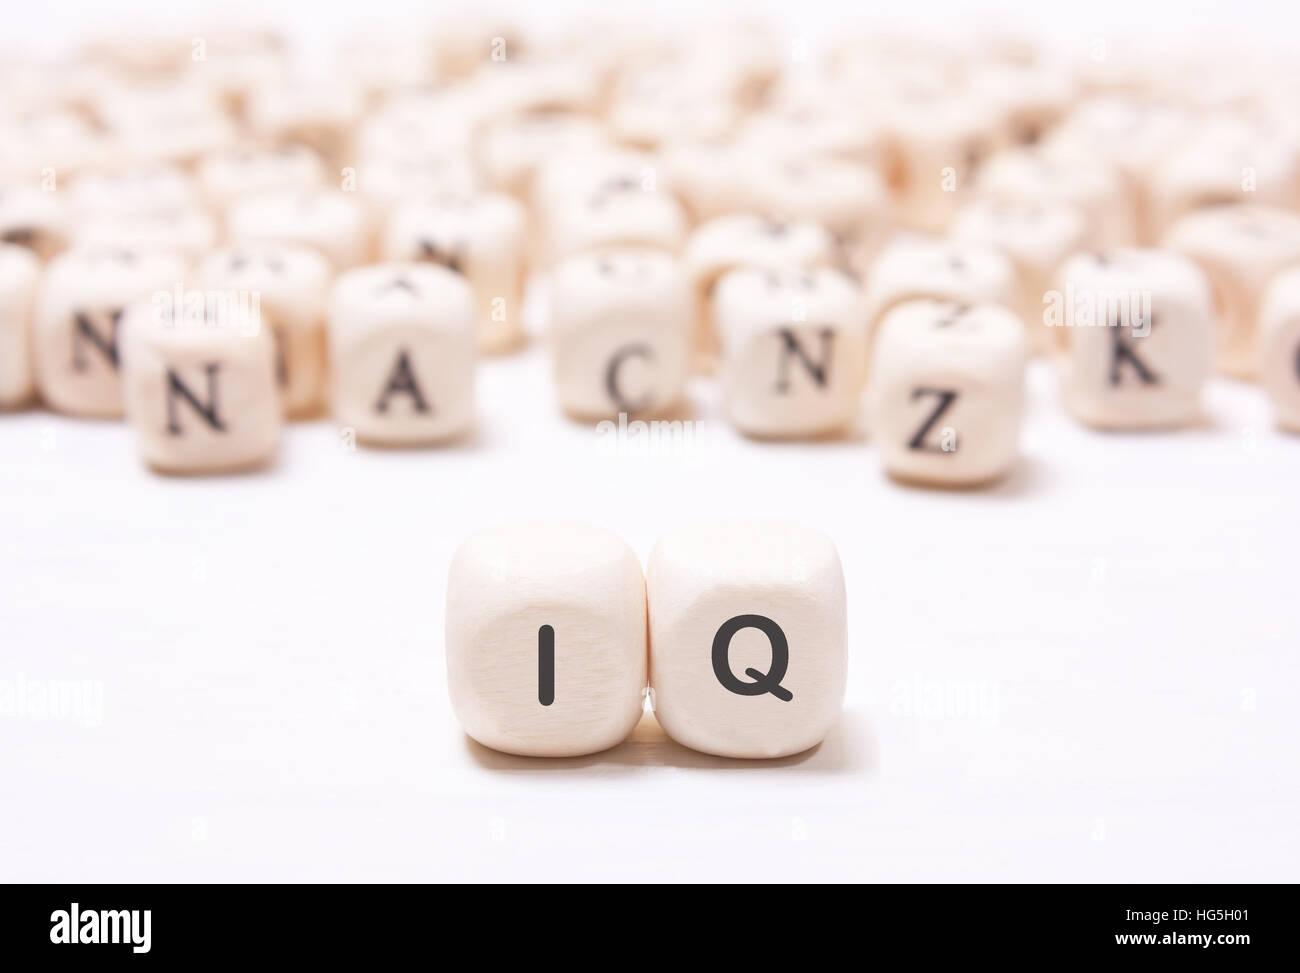 Le mot 'IQ' sur l'dés blancs sur fond de lettres brouillées. Le concept de l'esprit, l'intellect Photo Stock